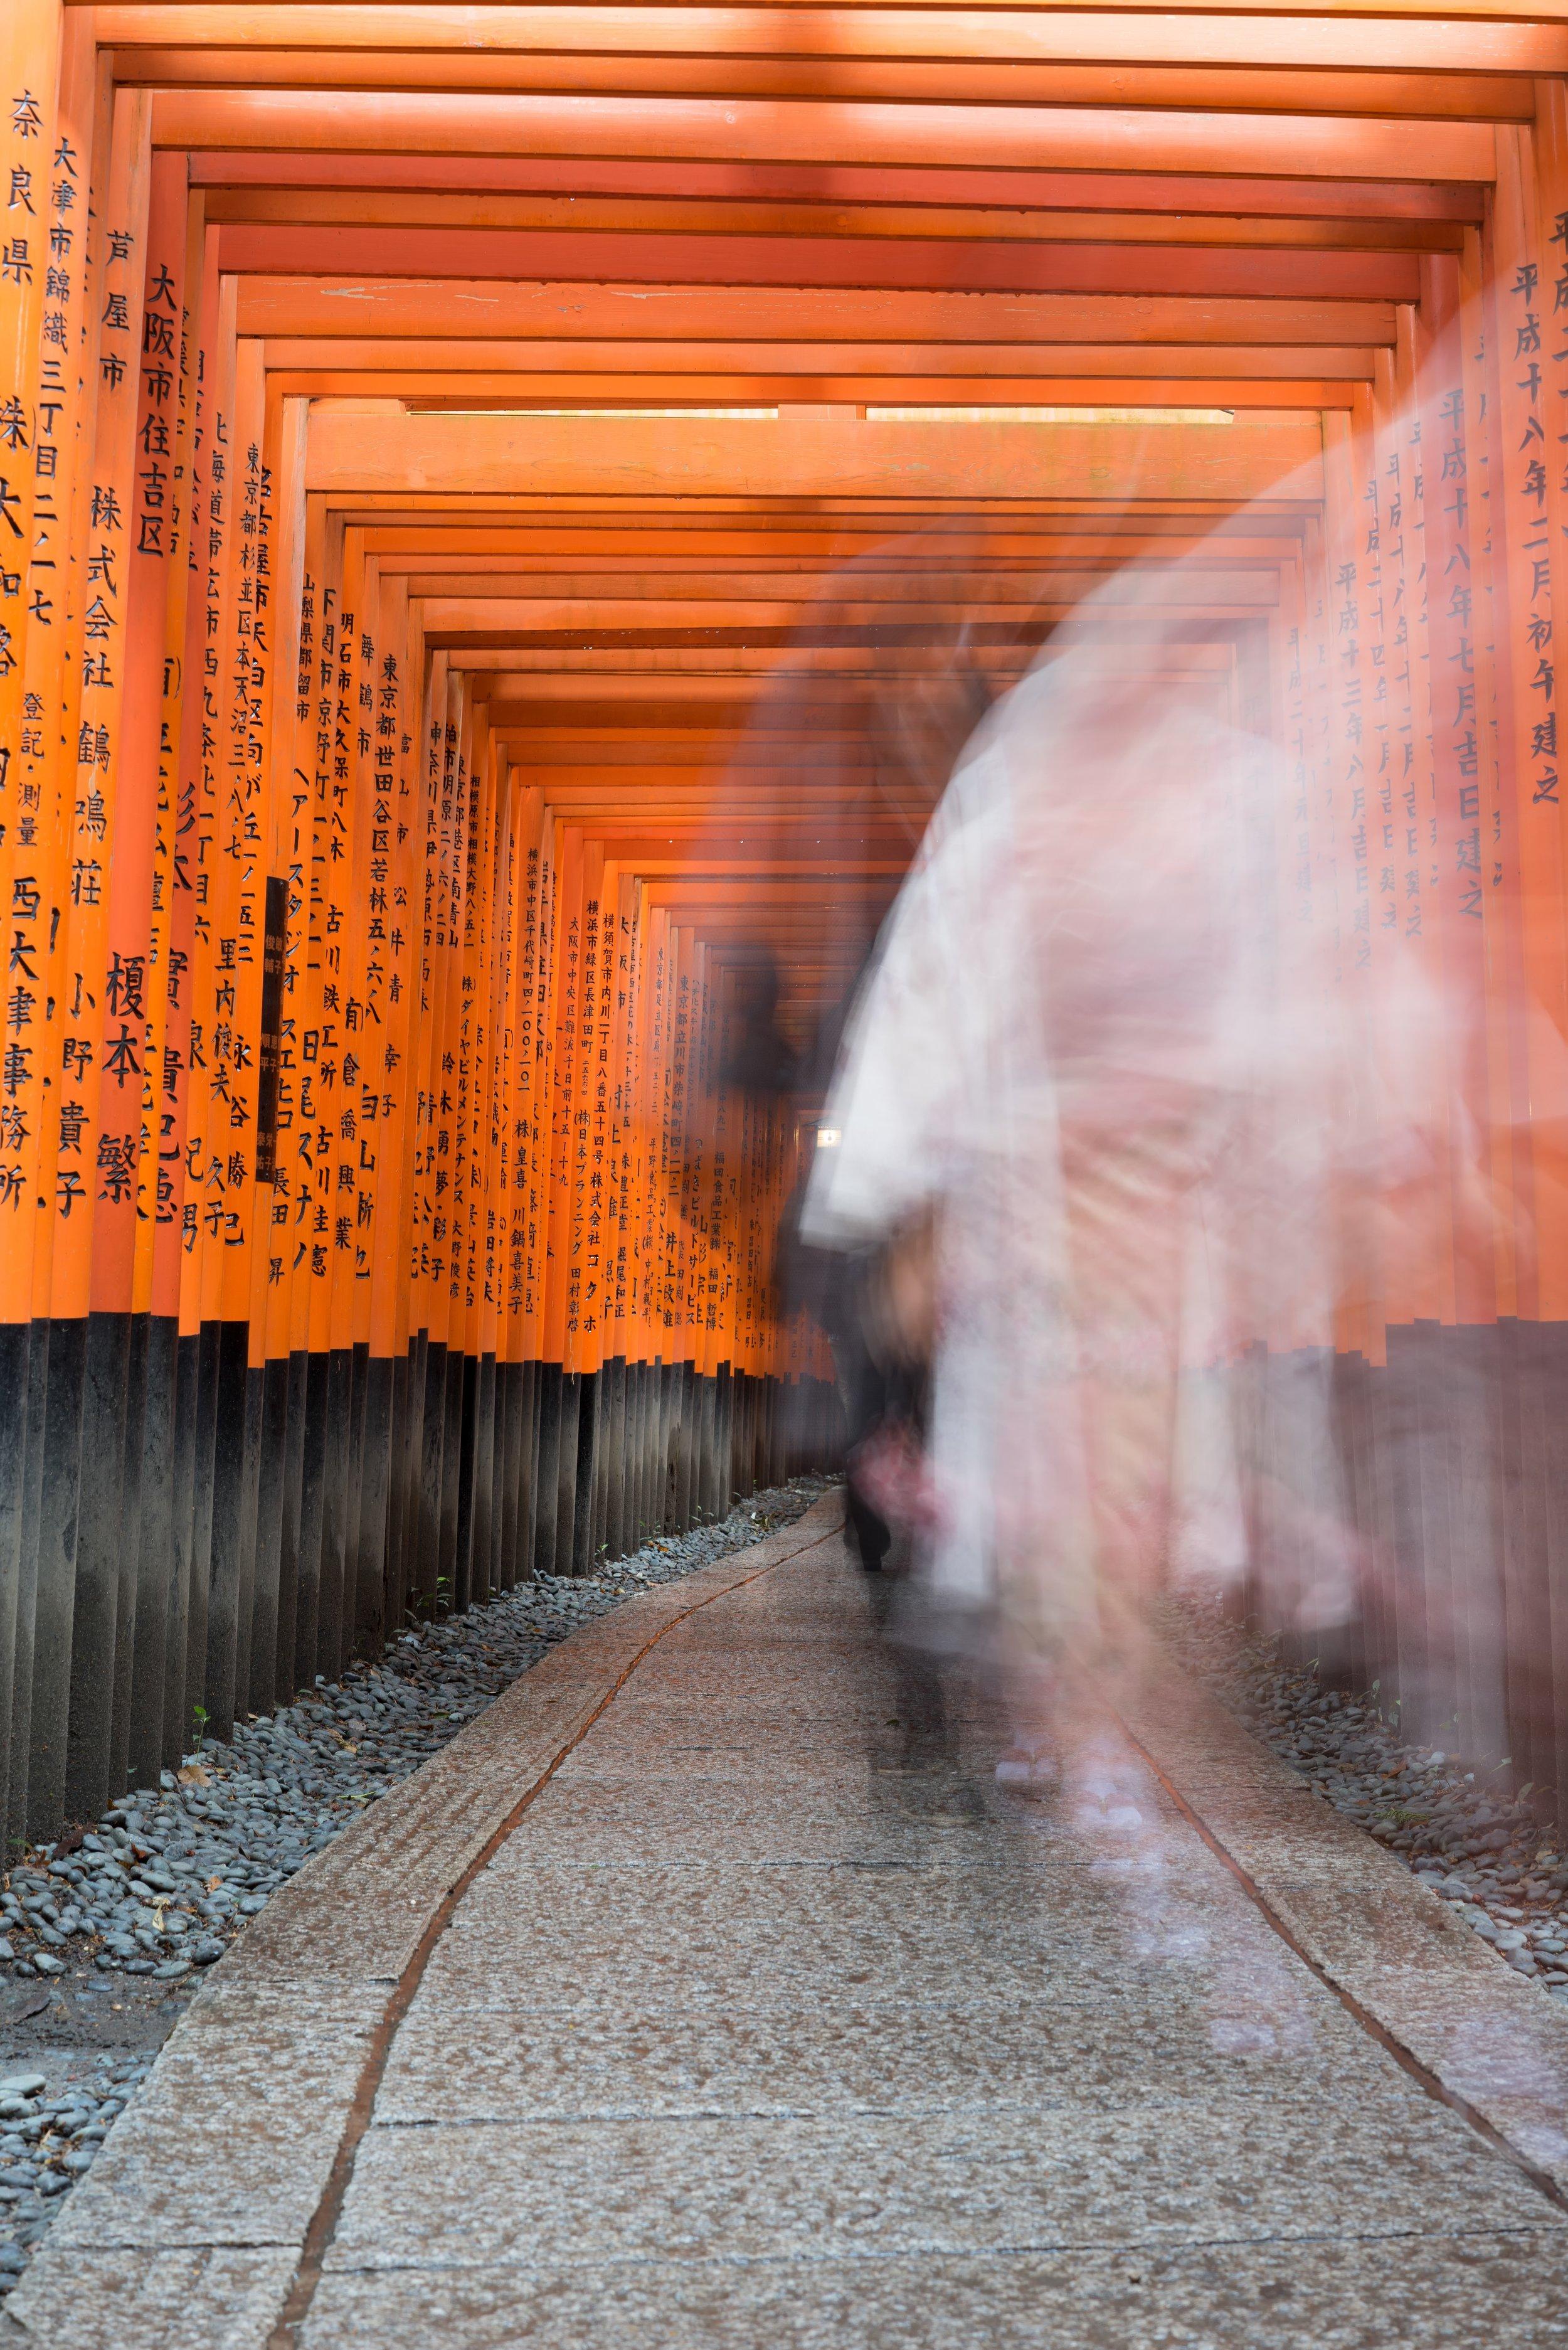 PHOTOGRAPHY: Andy Yee • Sony Sony a7R • FE 55mm Ƒ/1.8 ZA • Ƒ/9.5 • 4 sec • ISO 100